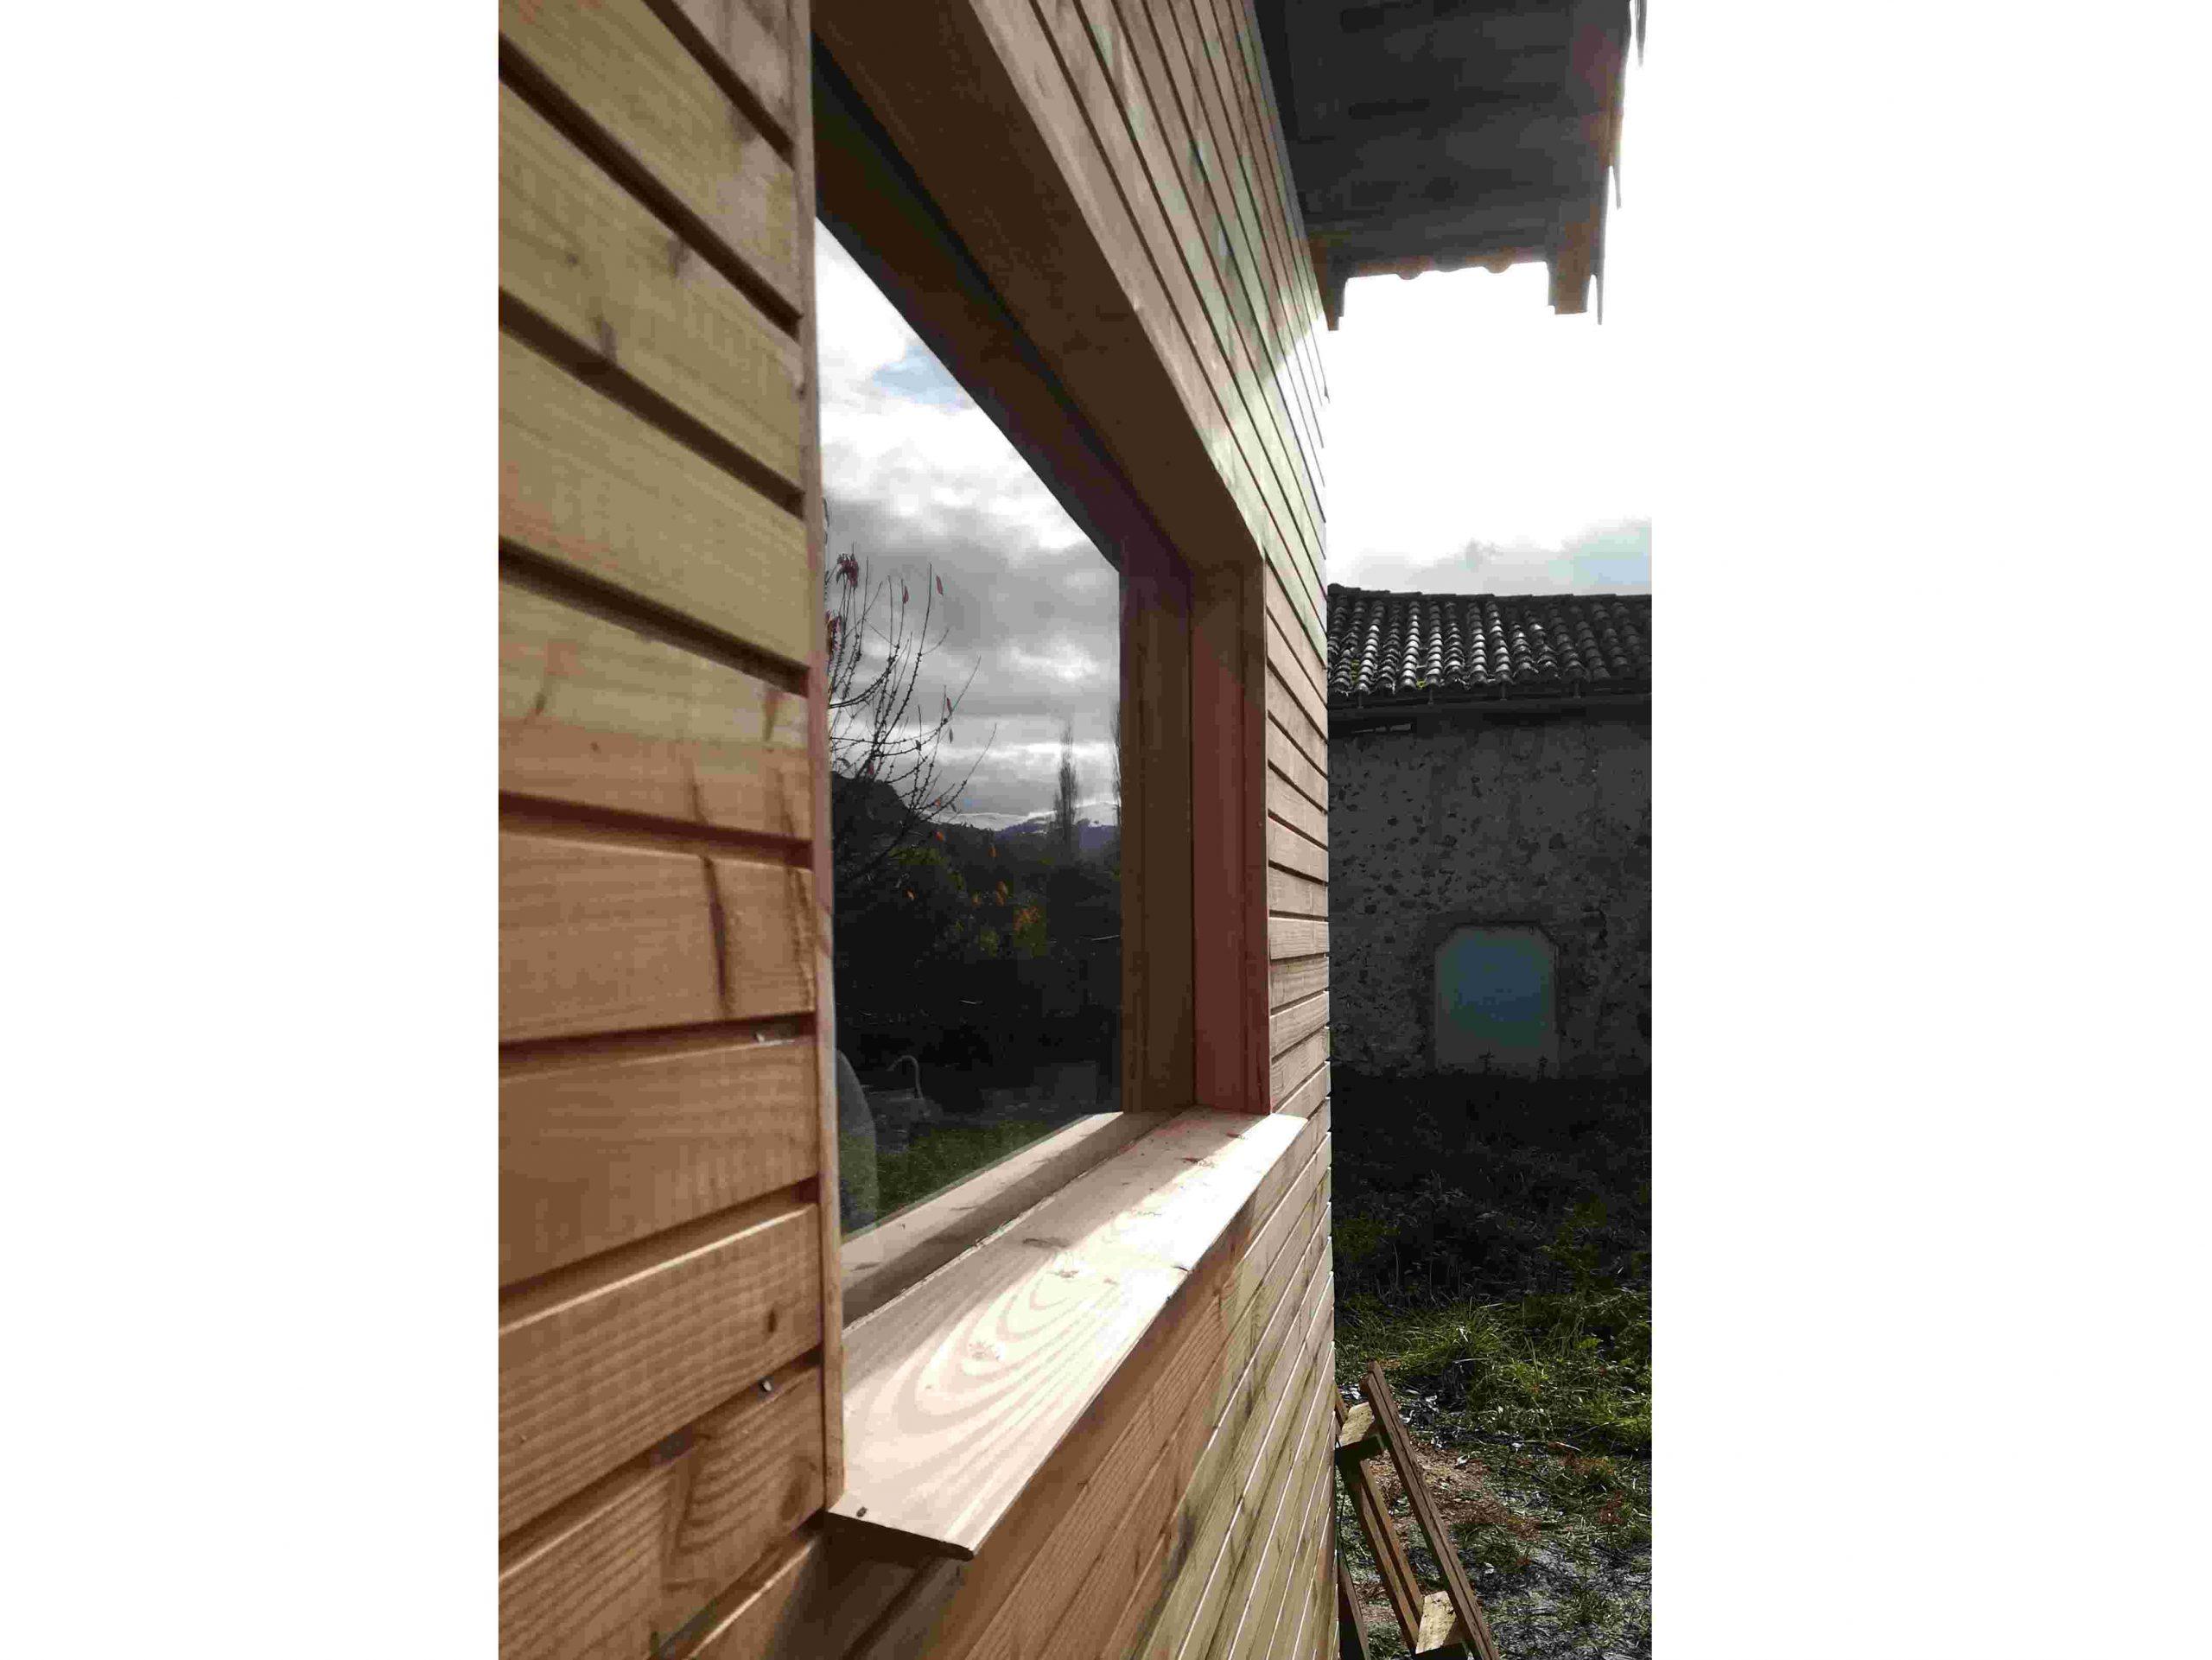 Fentêtre maison laboratoire